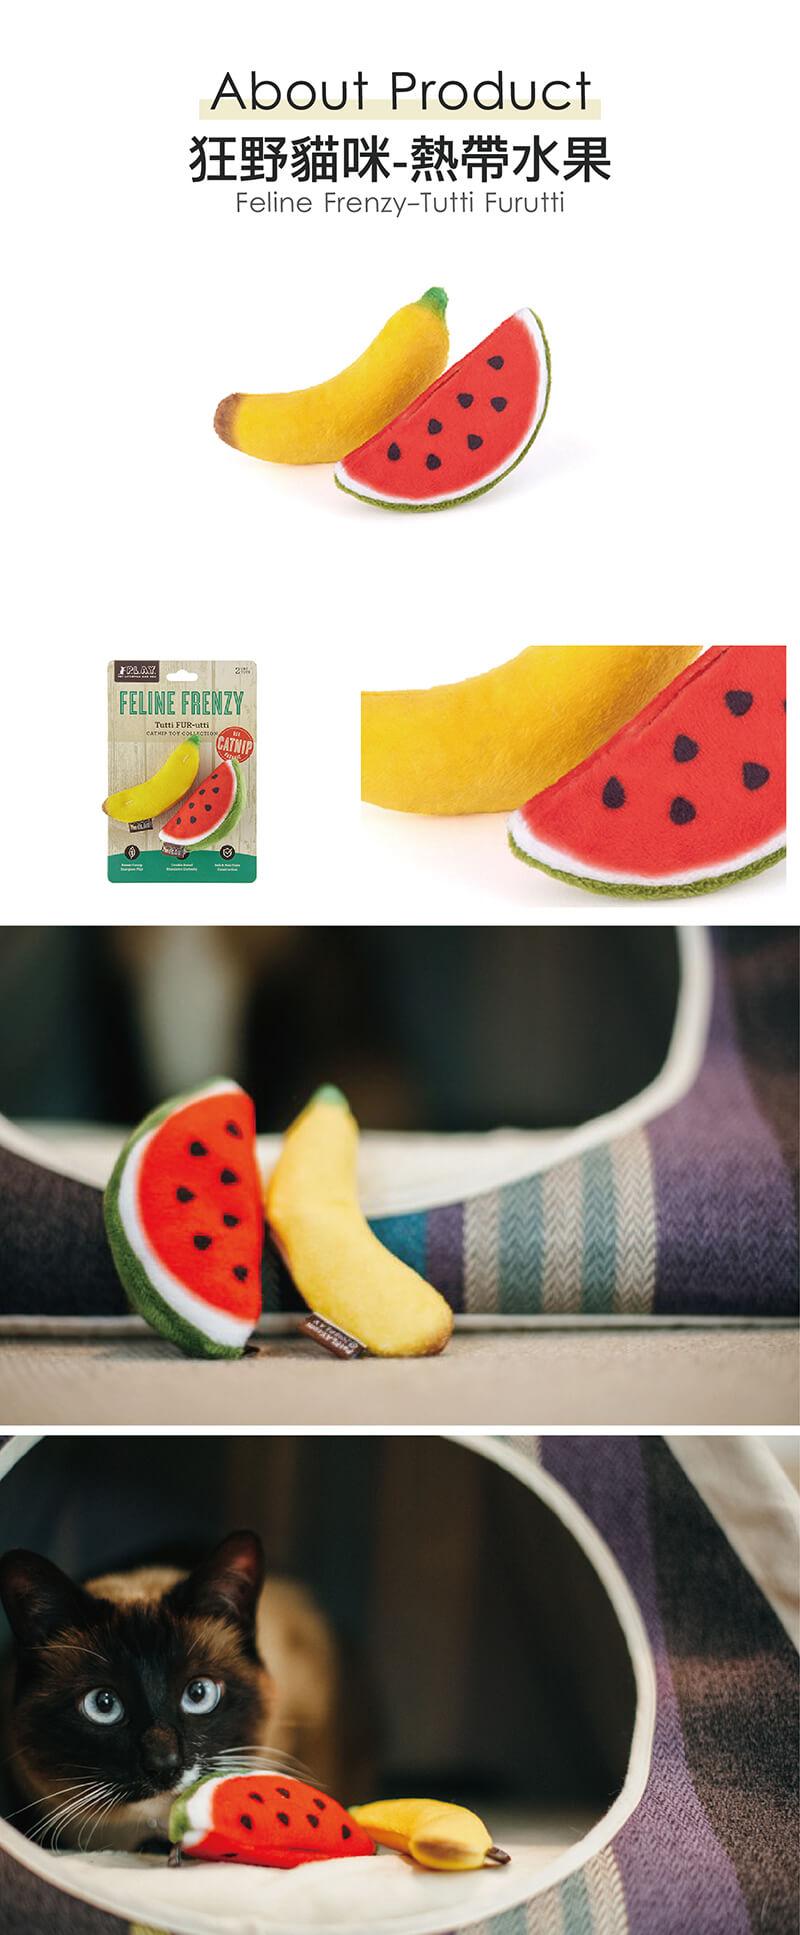 美國 P.L.A.Y. 玩具系列 狂野貓咪 熱帶水果